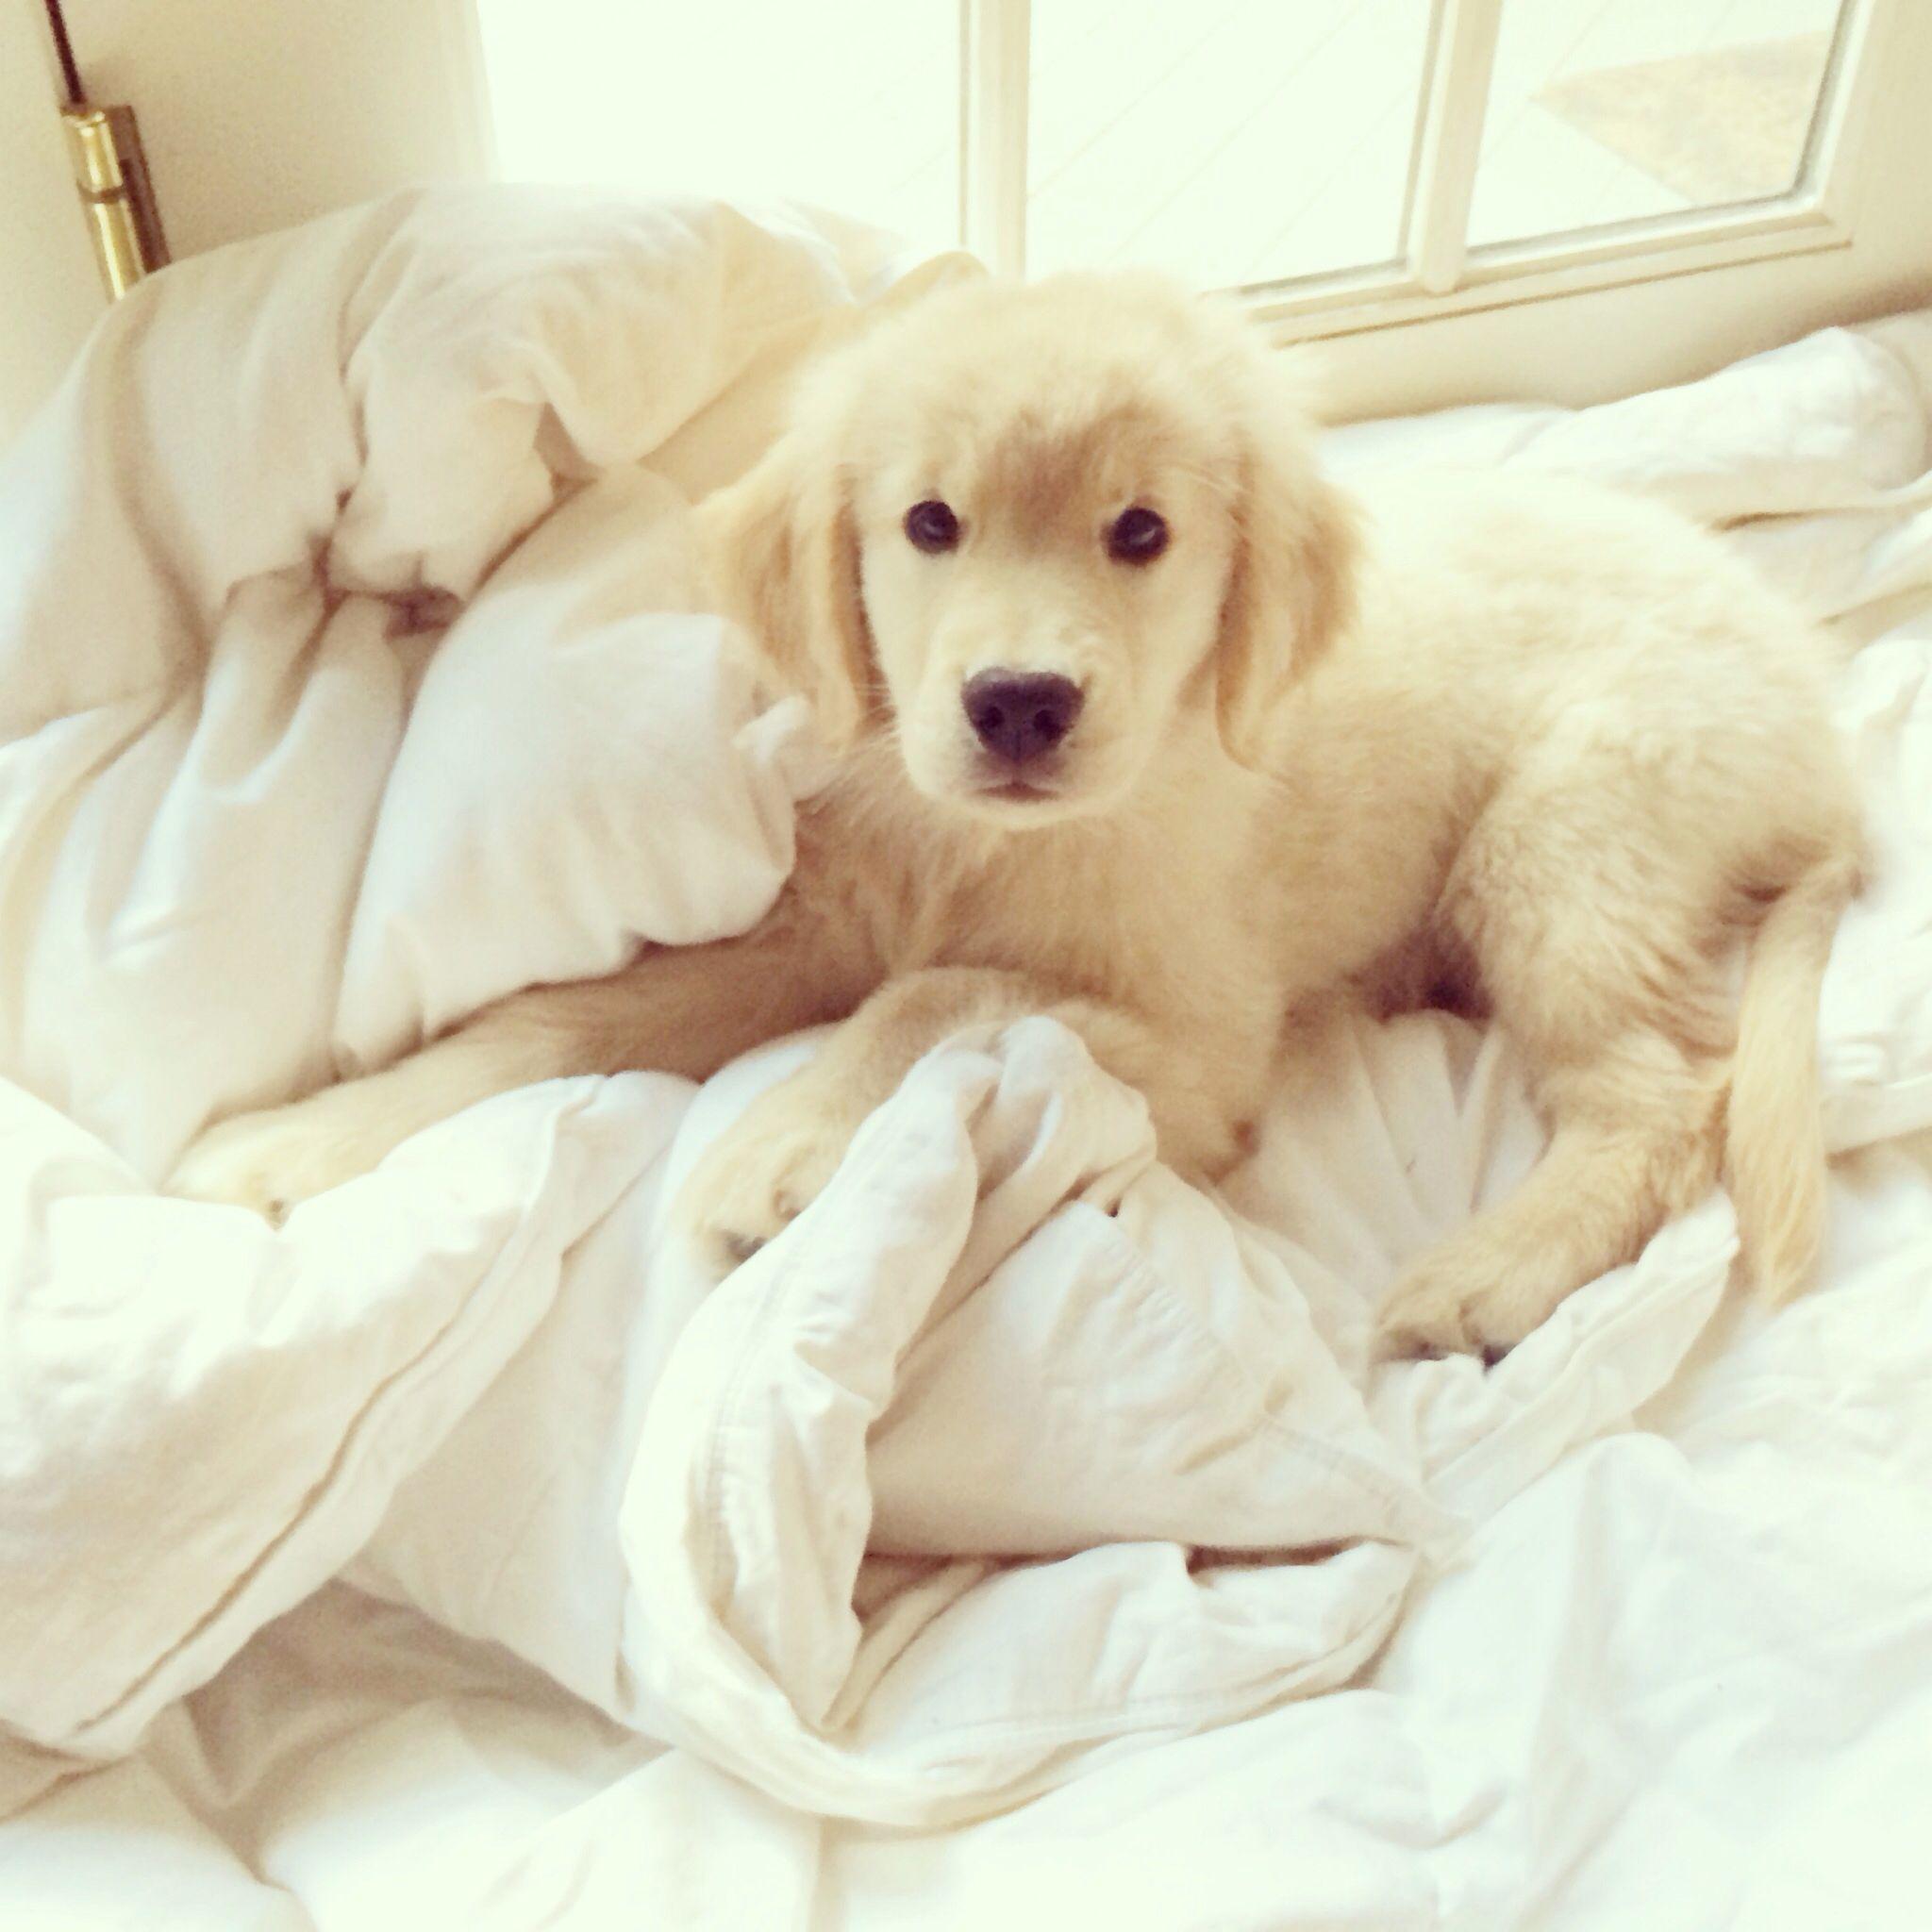 Lustige Hunde Bilder Mit Sprüchen Kostenlos Kostenlos - Lustige Hunde Bilder Mit Sprüchen Kostenlos Kostenlos